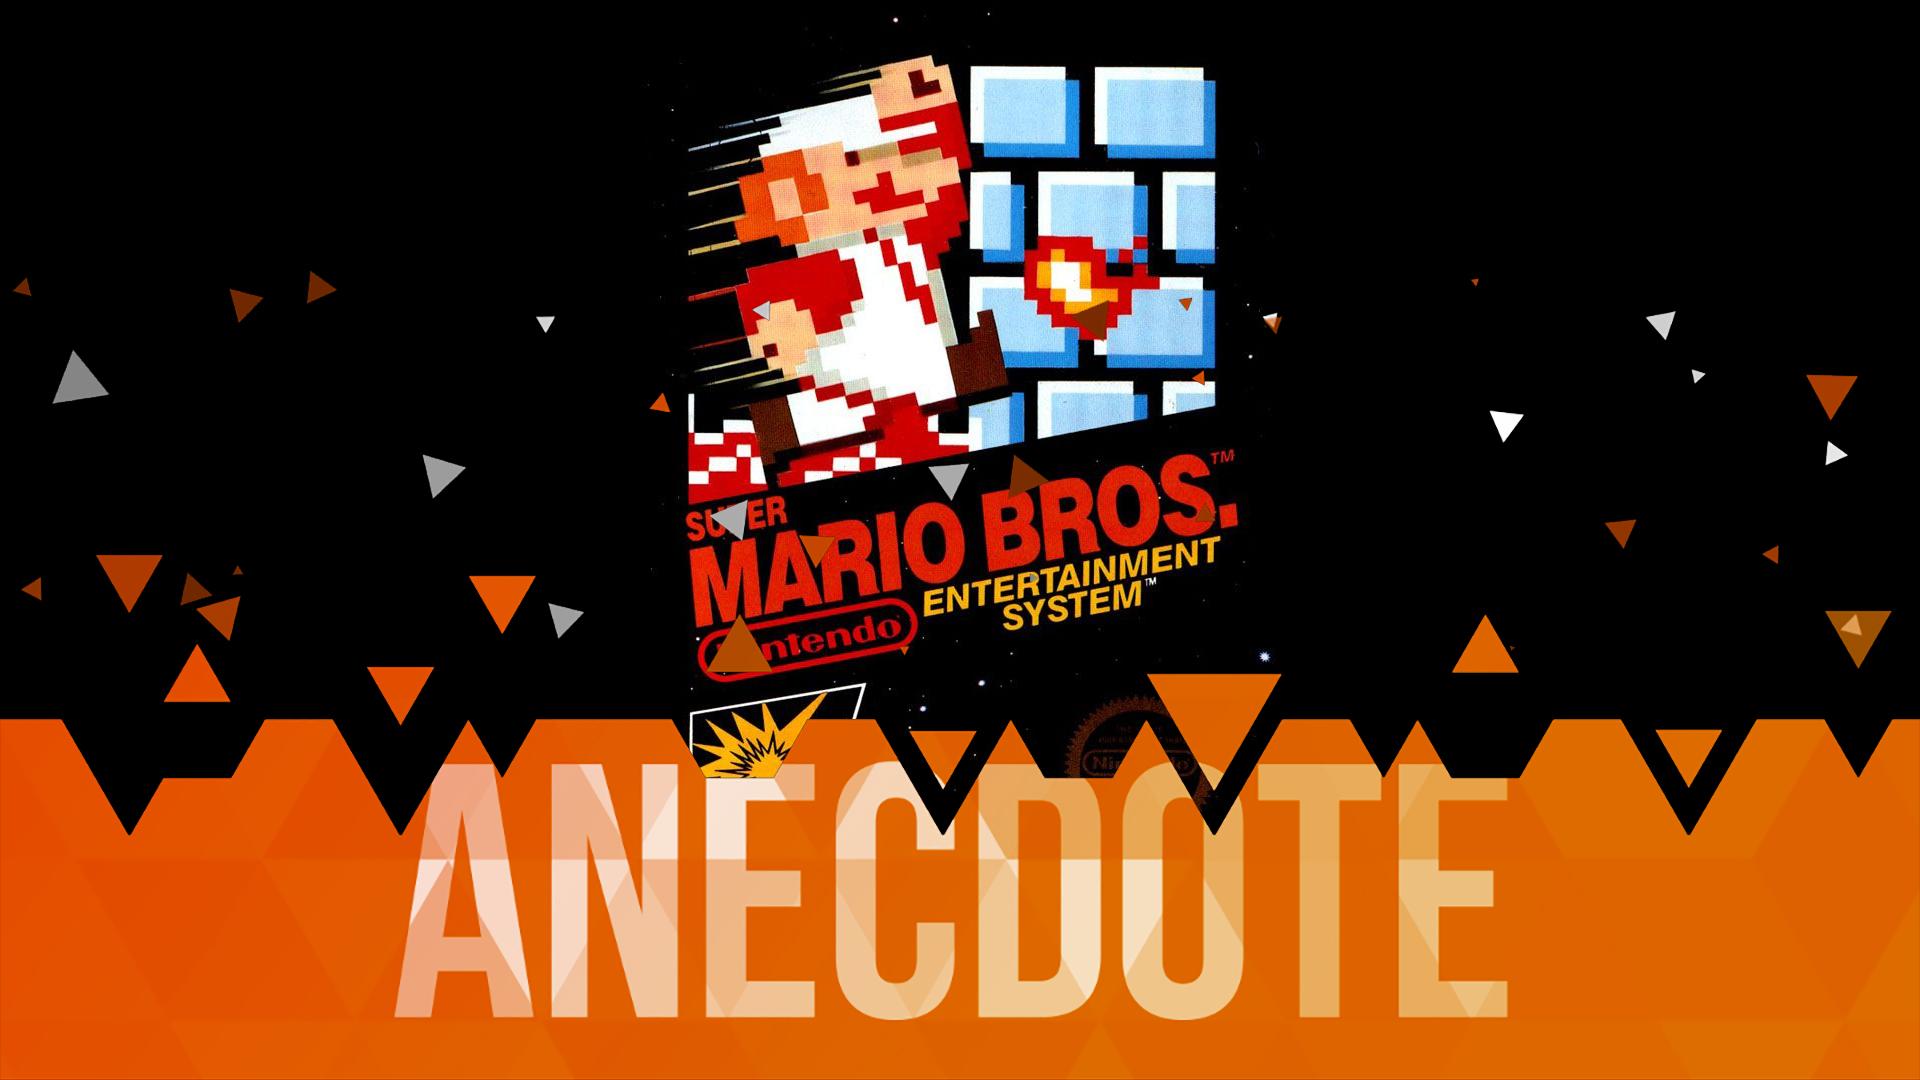 Anecdote du Jeu Vidéo Super Mario Bros